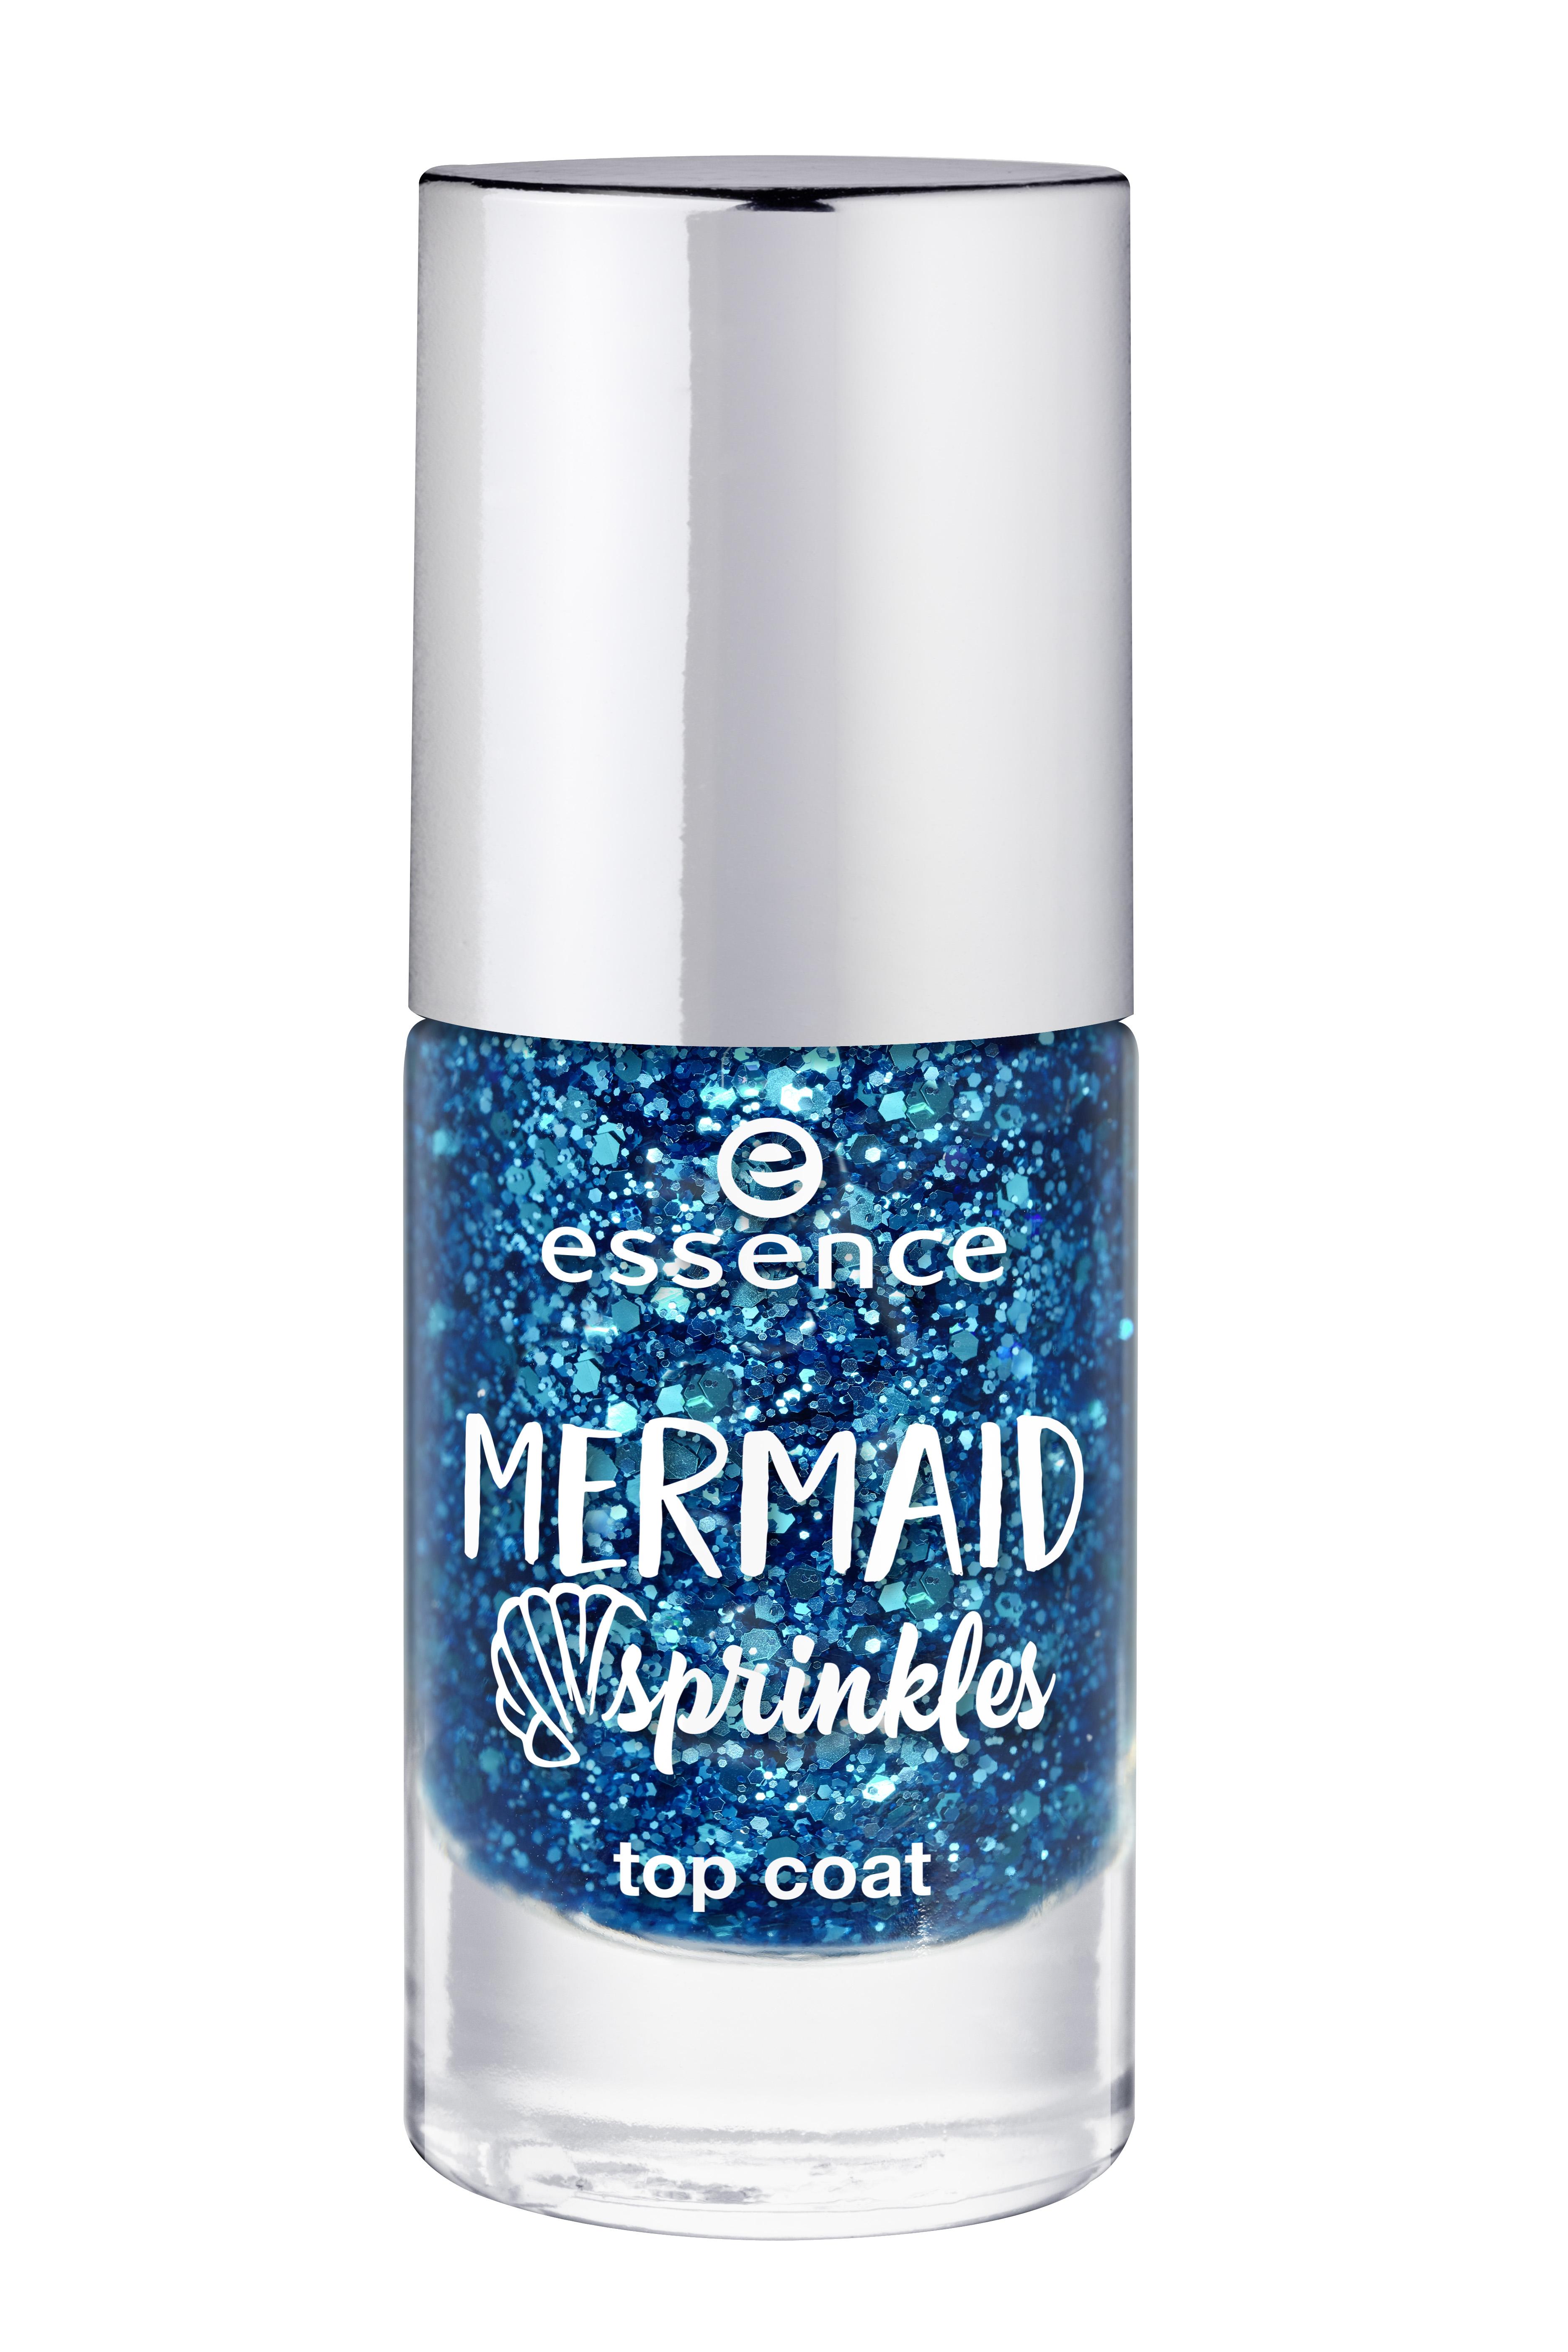 ess. mermaid sprinkles top coat 38